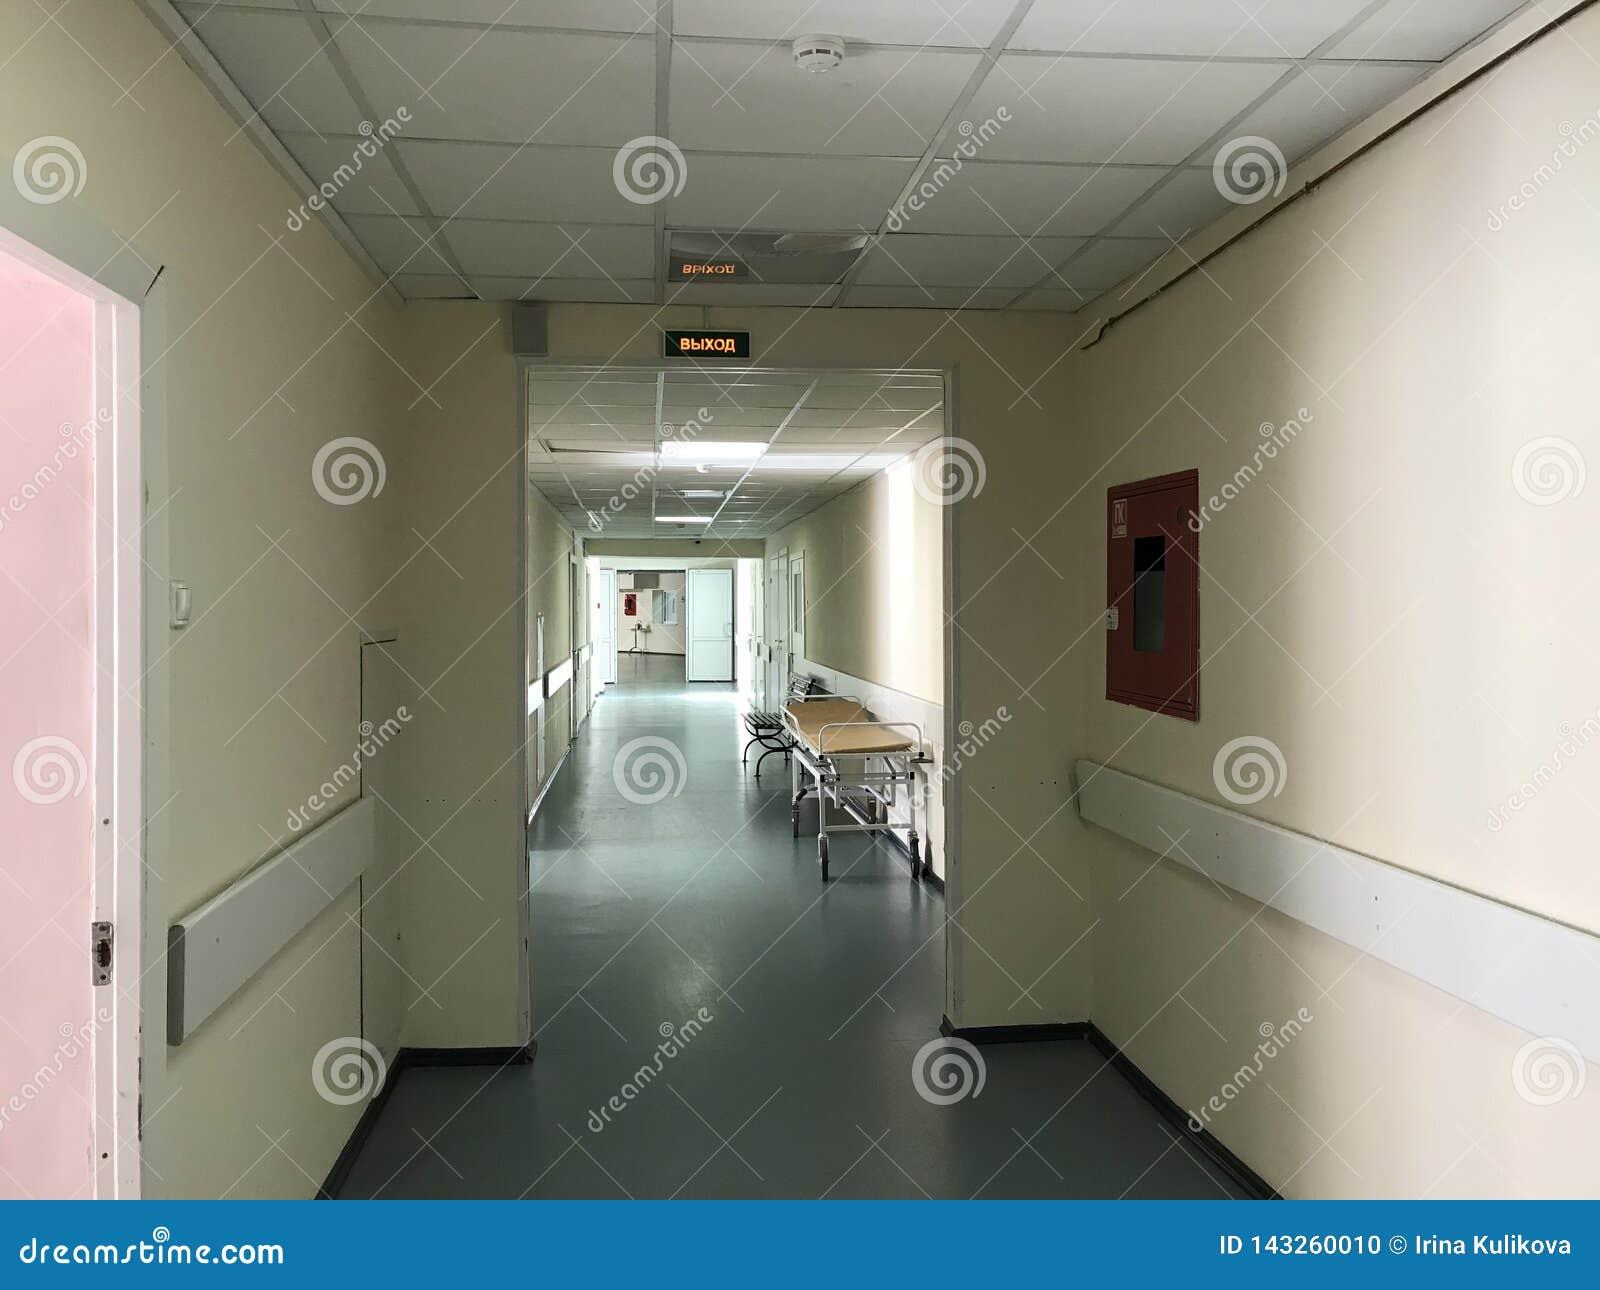 Sjukhusinre: sikt av en lång korridor med ljusa väggar i sjukhuset